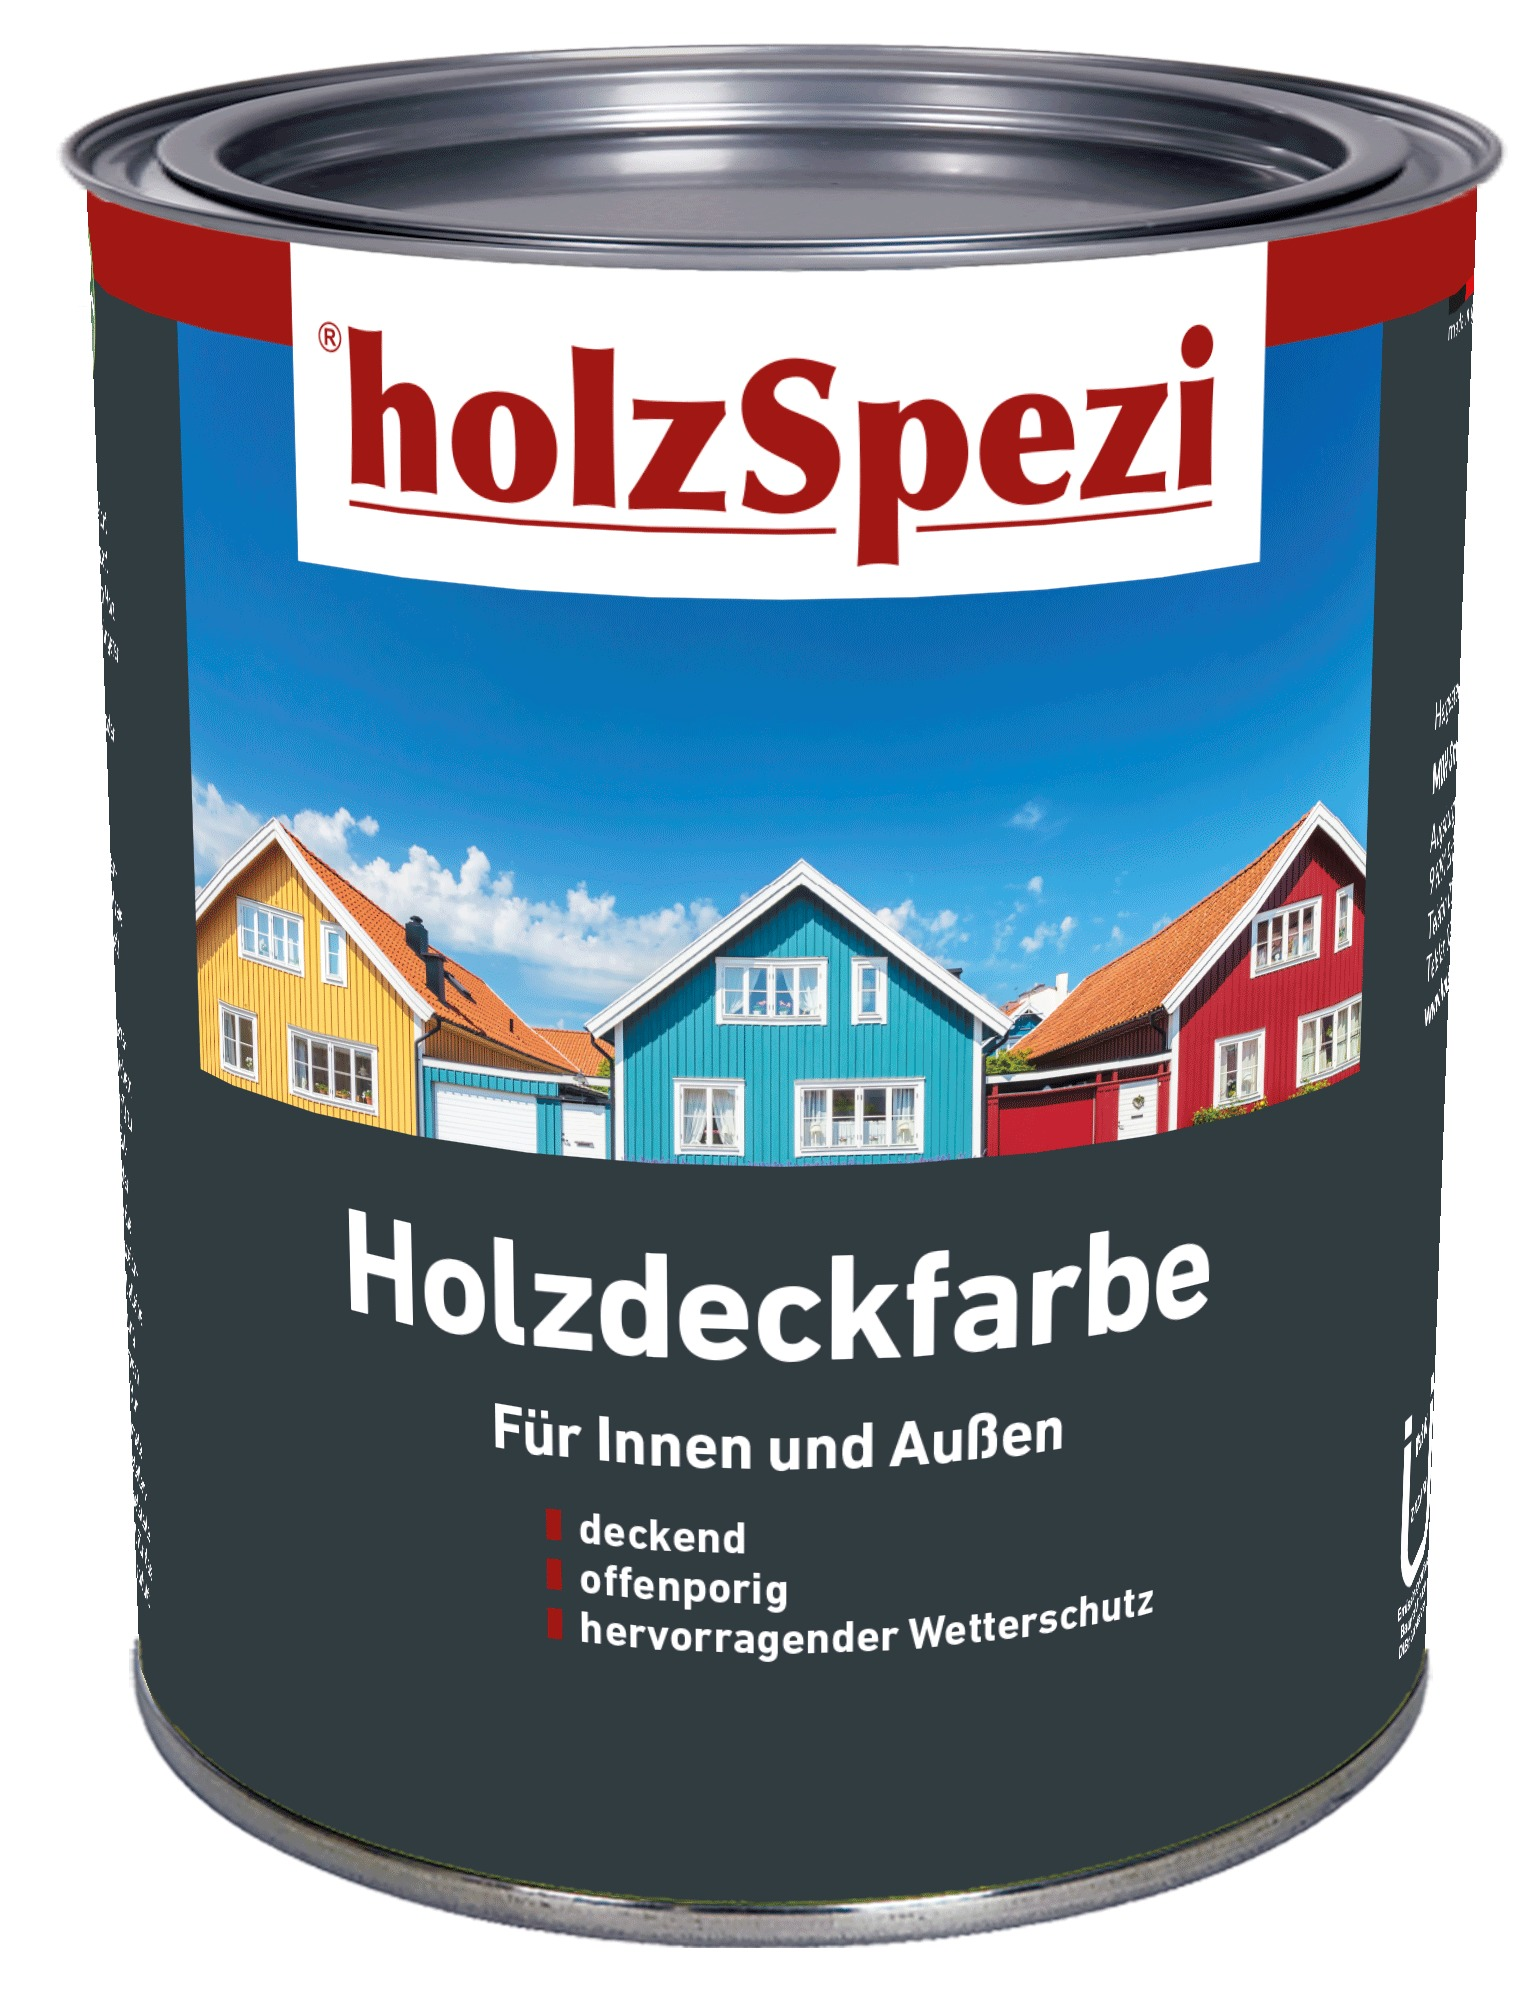 holzSpezi Holzdeckfarbe (zeder / rotholz, 2,5 Liter)